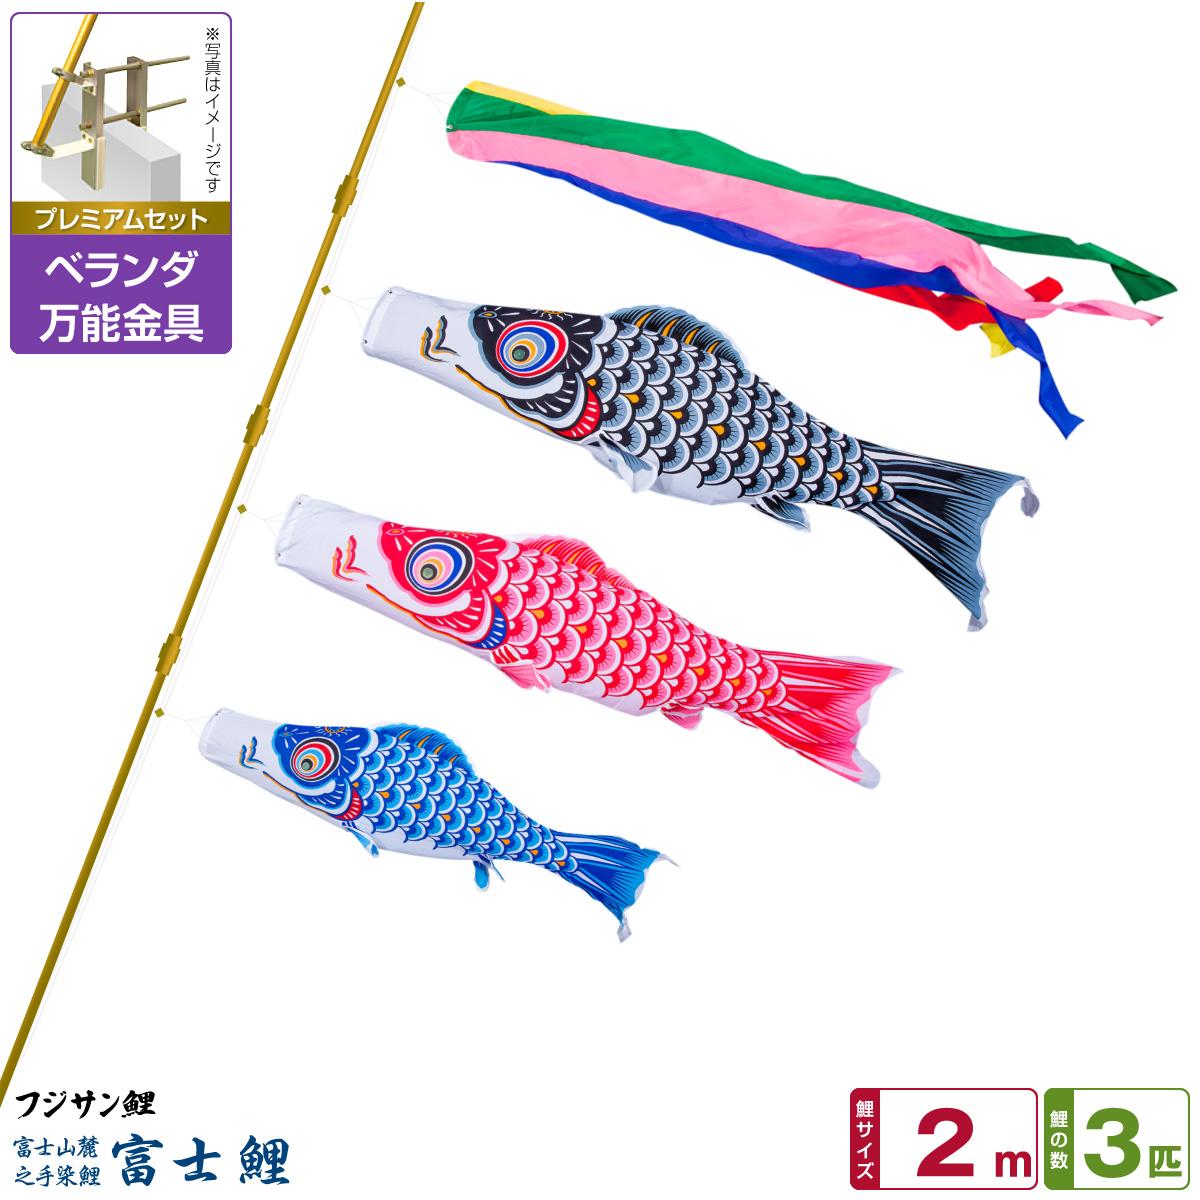 ベランダ用 こいのぼり 鯉のぼり フジサン鯉 富士鯉 2m 6点(吹流し+鯉3匹+矢車+ロープ)/プレミアムセット(万能取付金具)